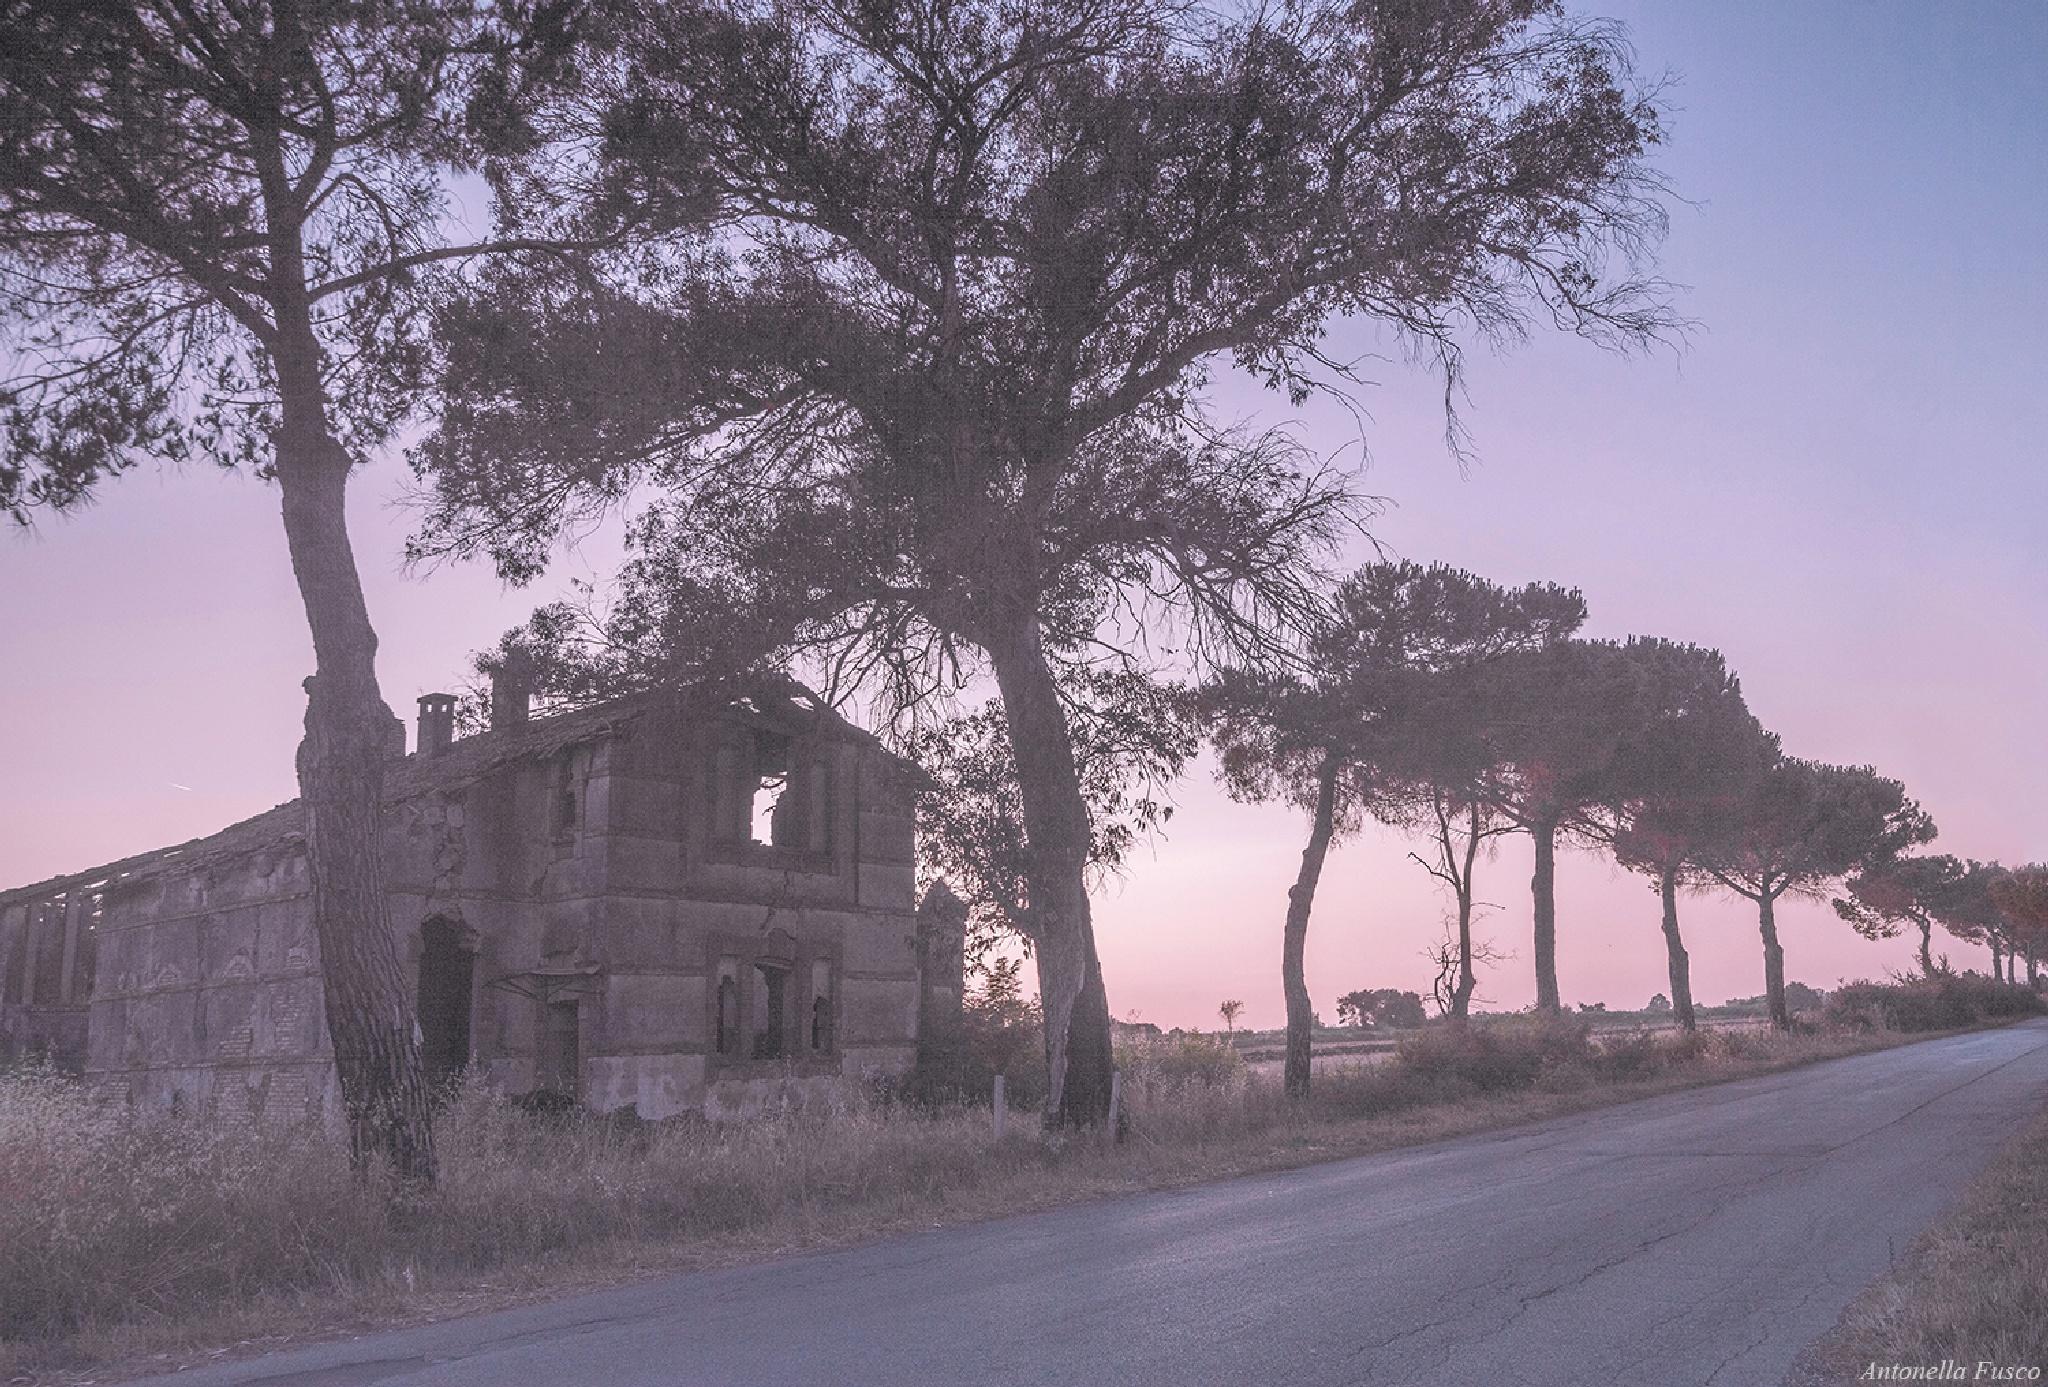 Fuori strada by antonellafusco35